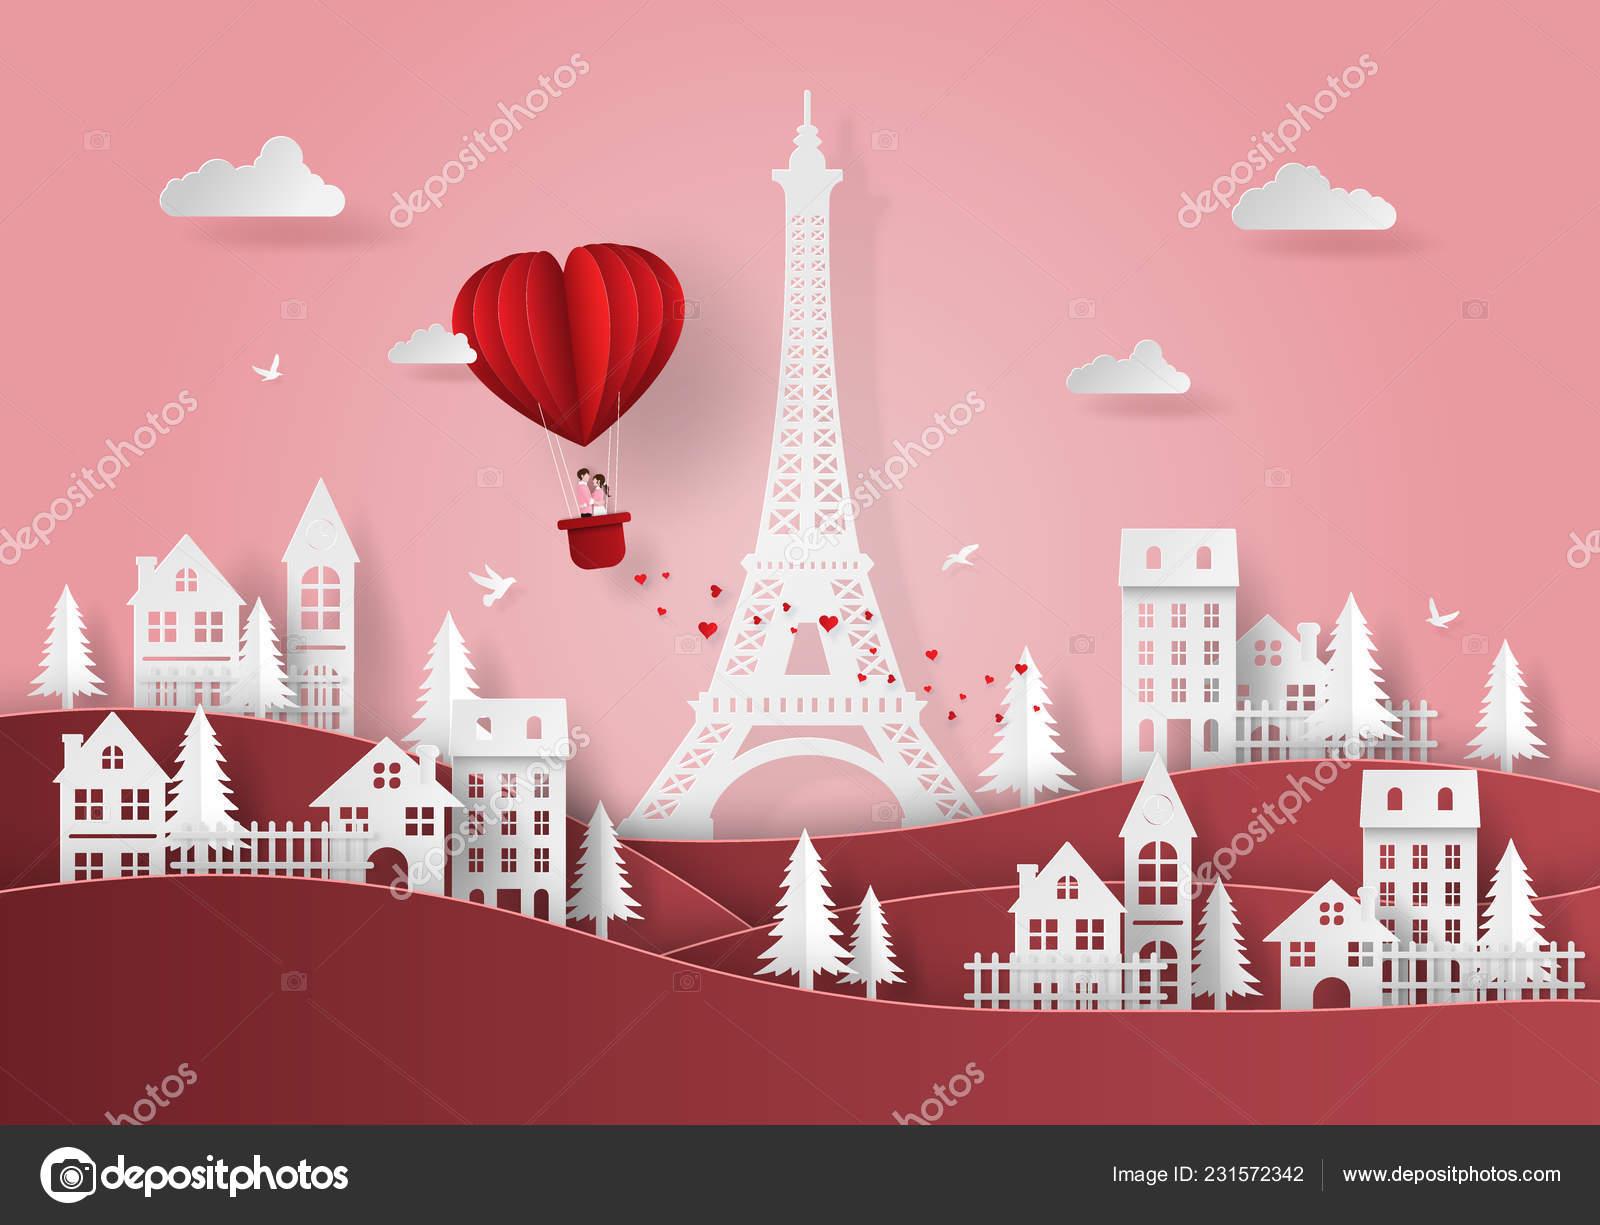 Origami Tutorial : Eiffel Tower #PrayForParis | Origami Tutorials ... | 1225x1600